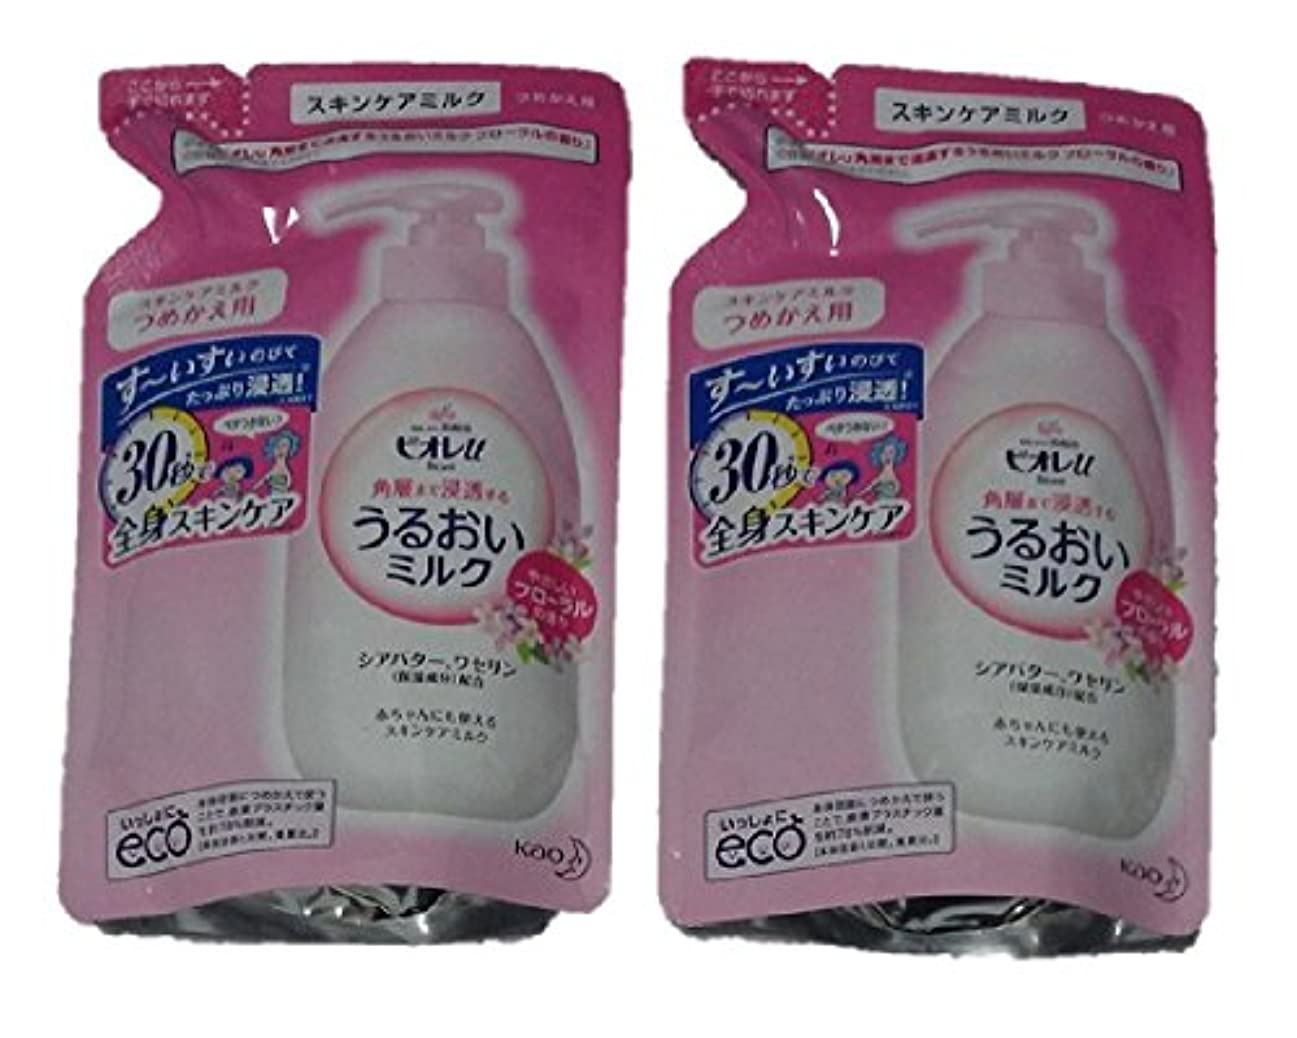 恐れ憤る収束【2袋セット】 ビオレU うるおいミルク フローラルの香り つめかえ用